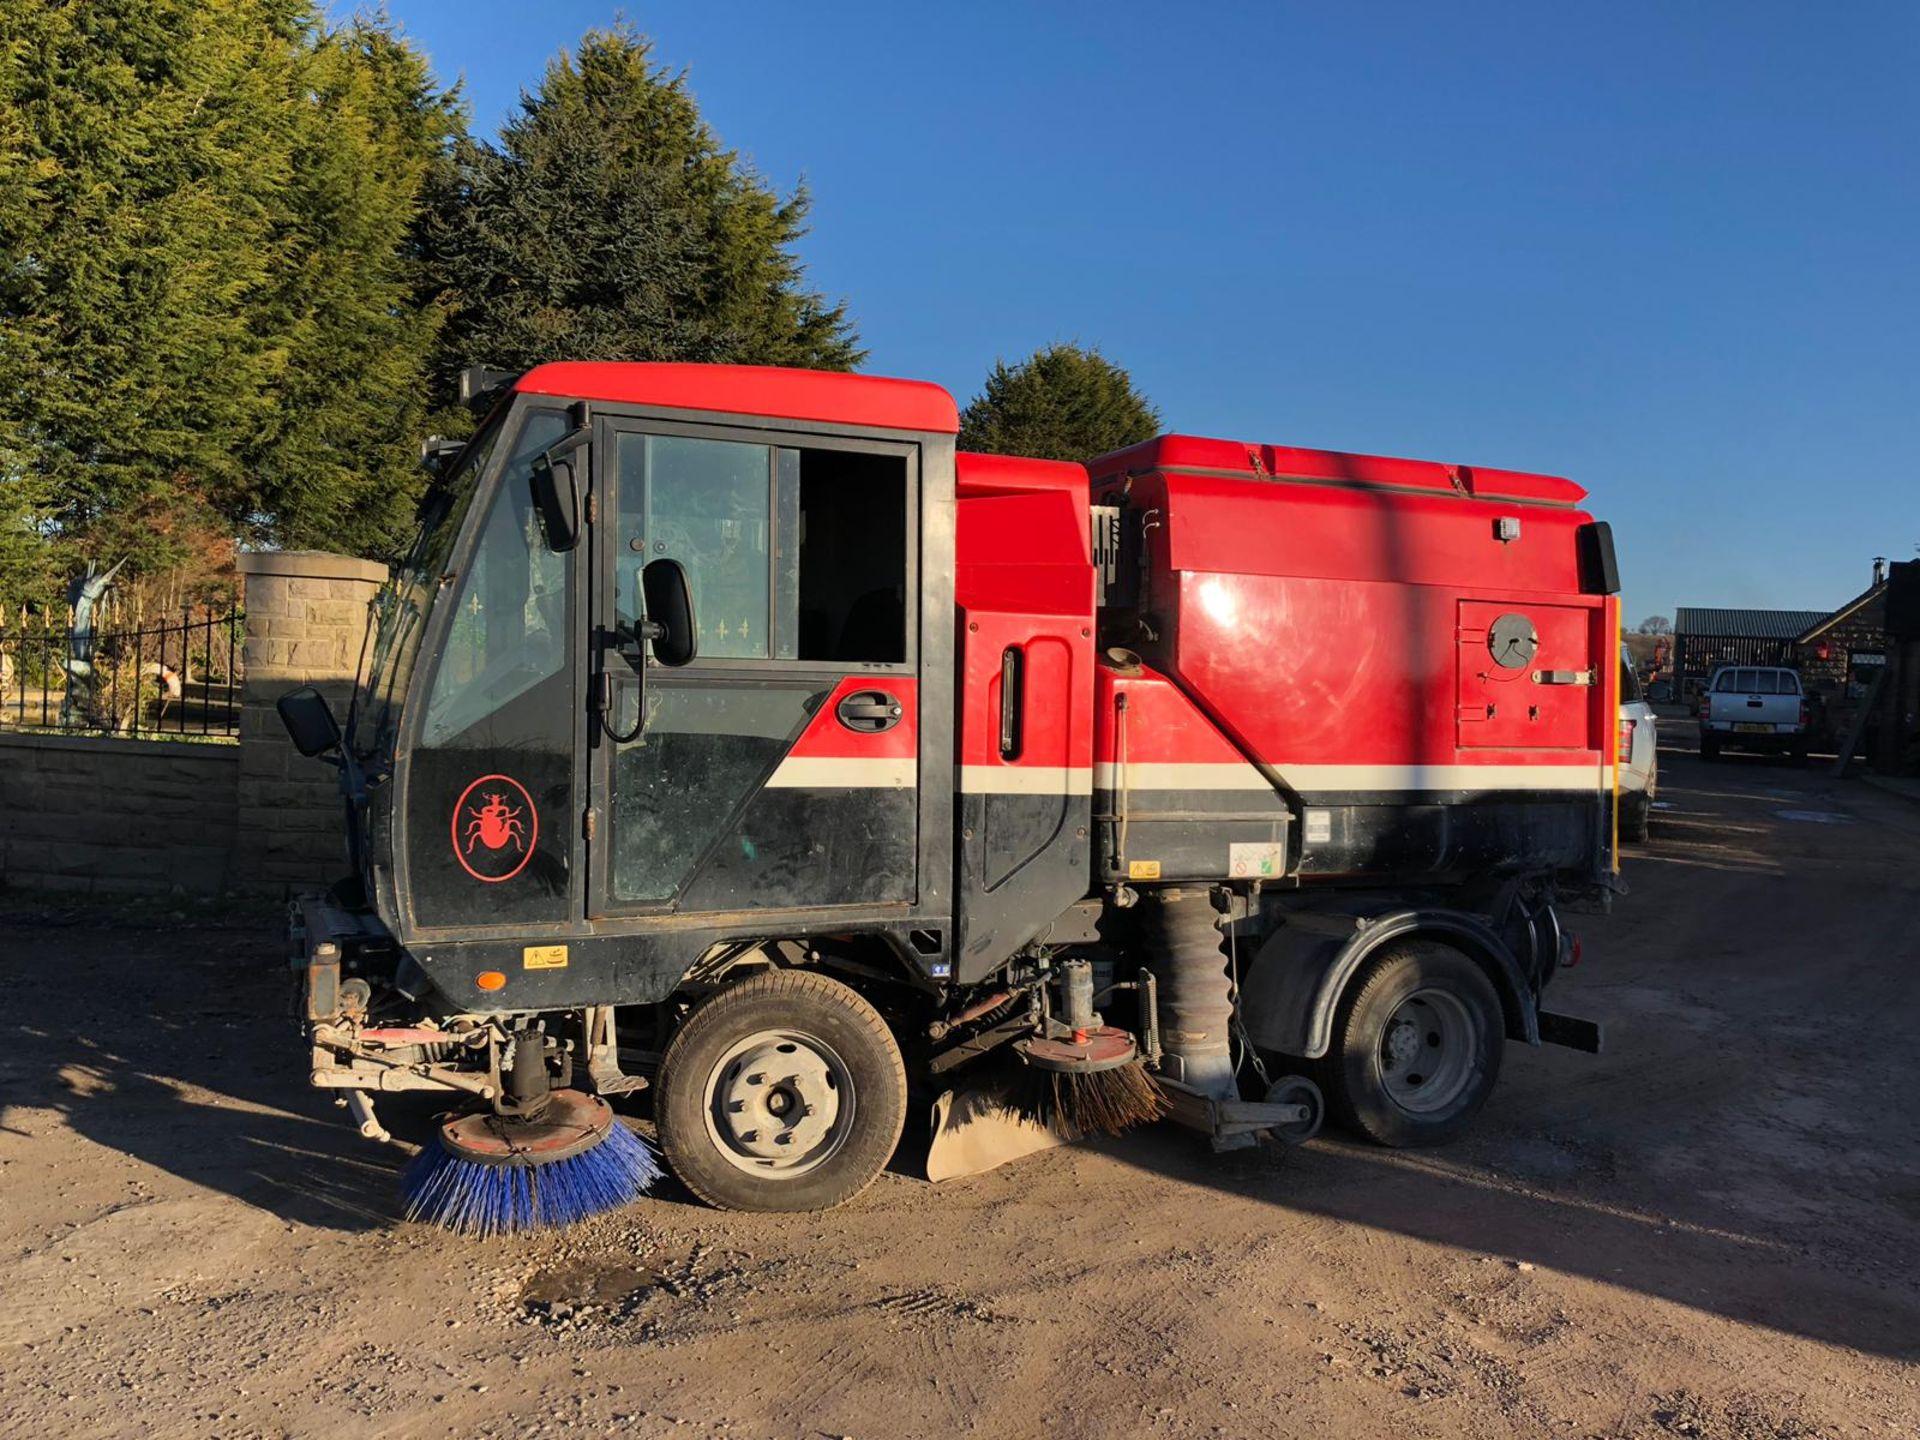 Lot 40 - 2008/58 REG SCARAB RED / BLACK DIESEL STREET CLEANSING ROAD SWEEPER *PLUS VAT*